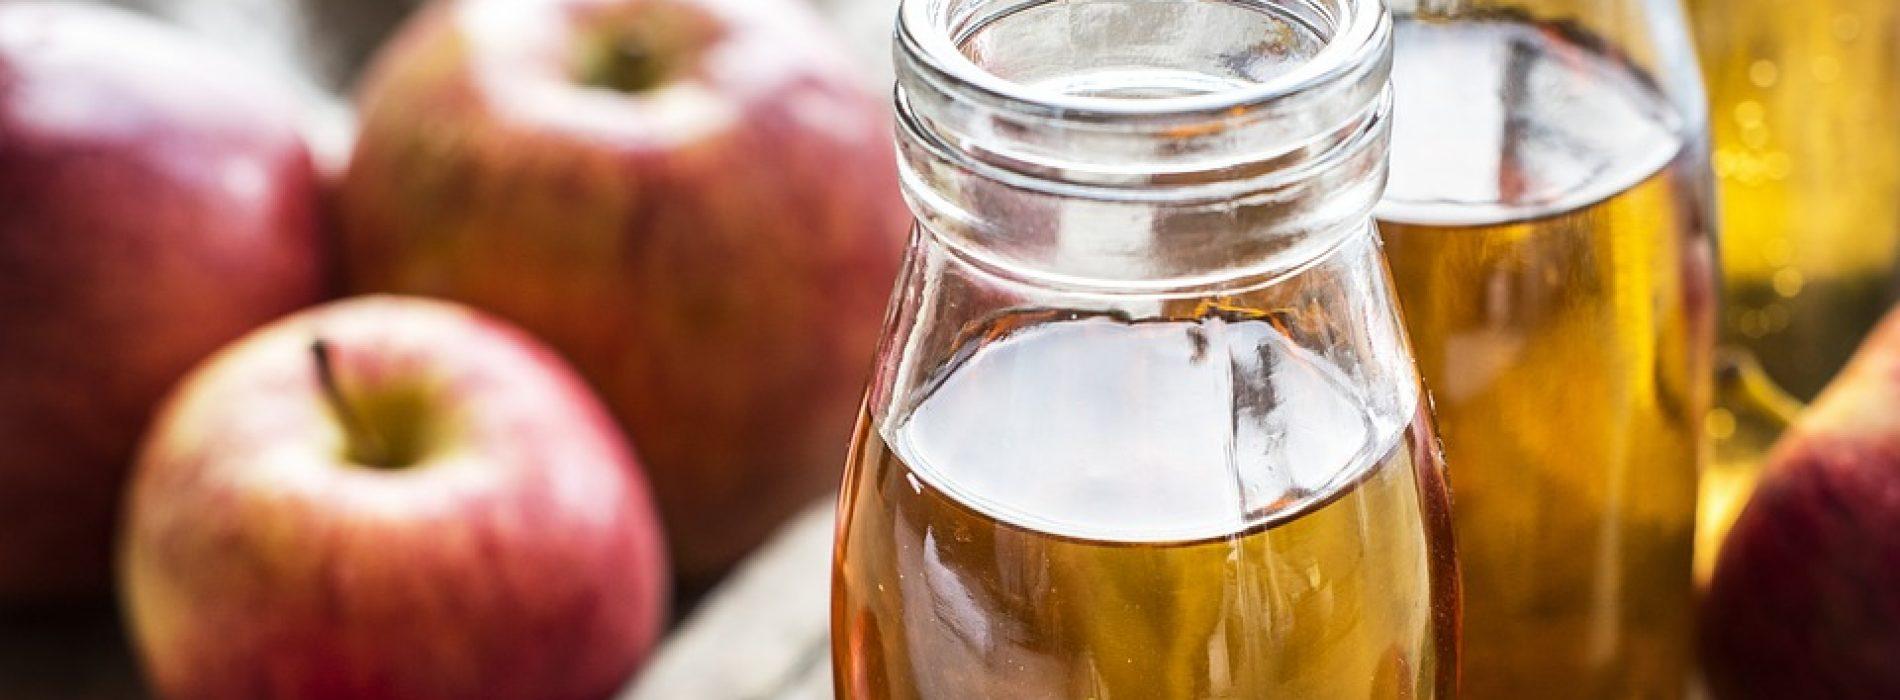 Vijf toptoepassingen voor appelciderazijn